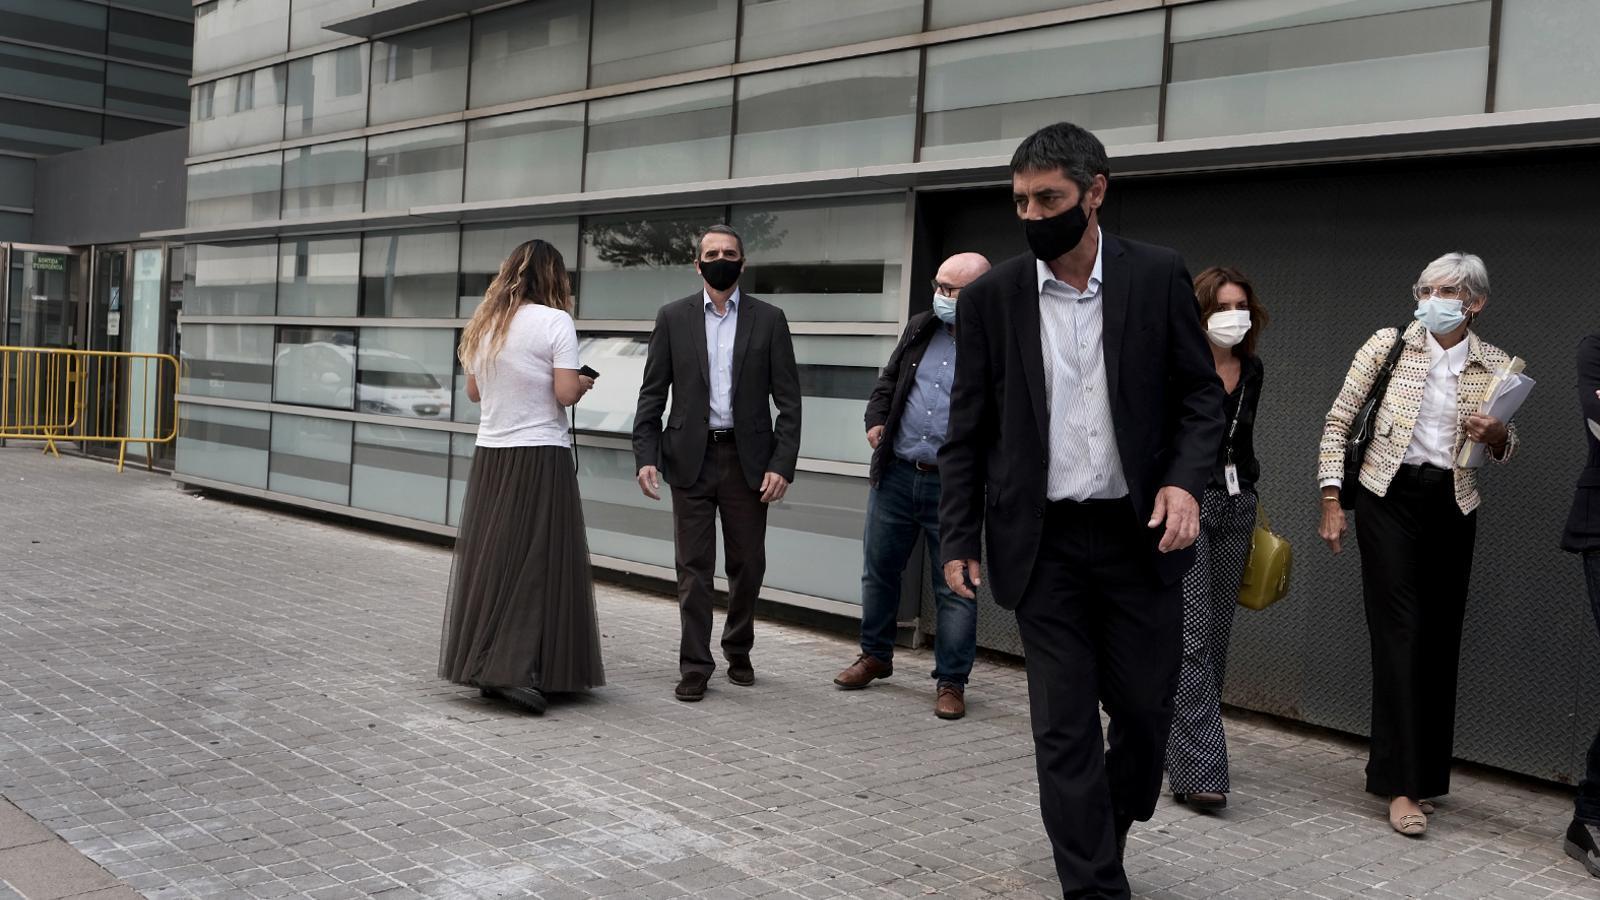 La Audiencia  absuelve a Trapero en una sentencia que supone un golpe a las tesis del Supremo y la Fiscalía